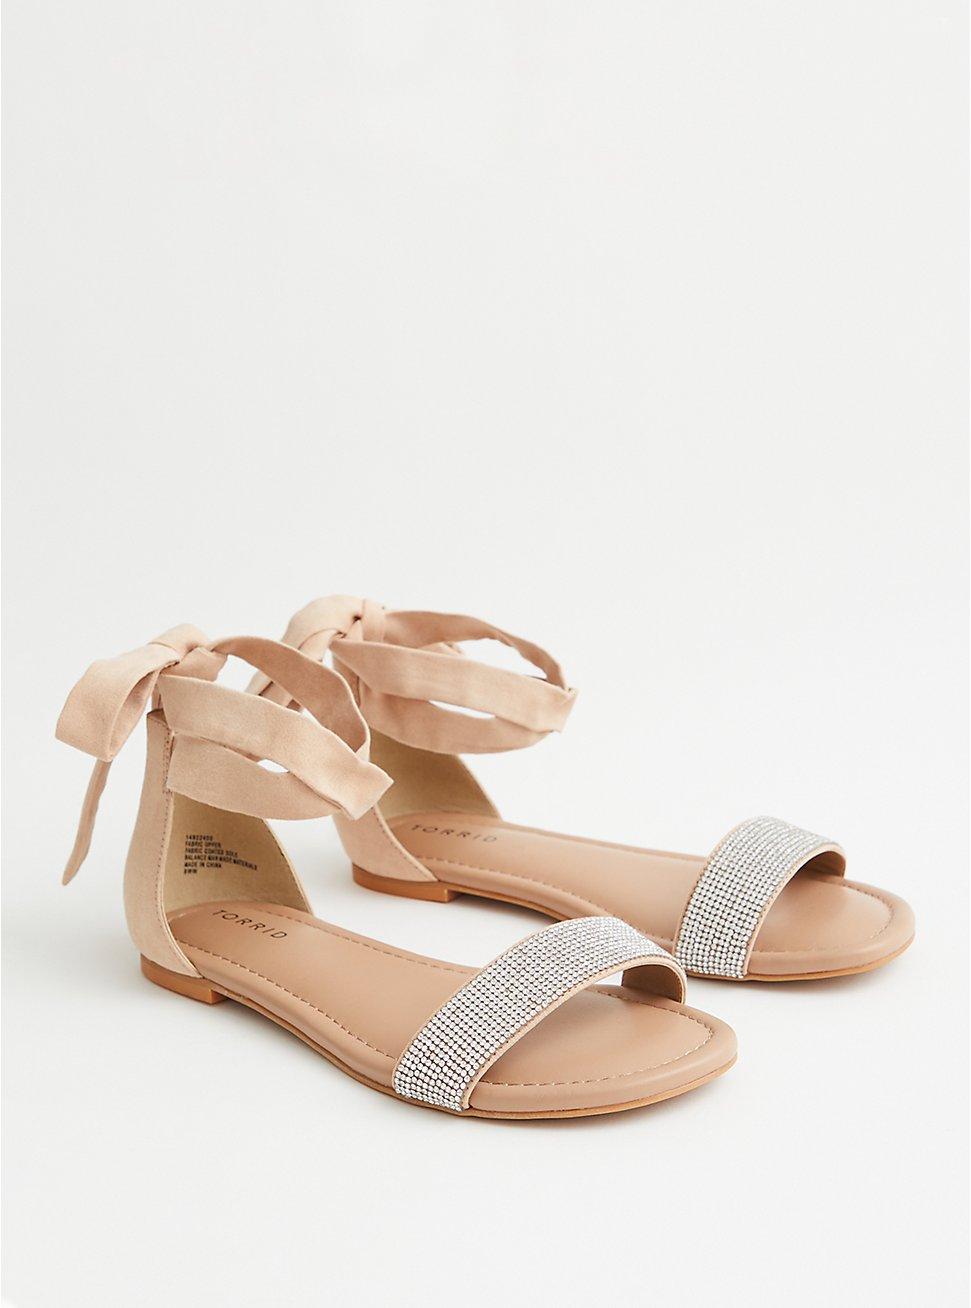 Plus Size Beige Faux Suede Ankle Wrap Sandal, BEIGE, hi-res